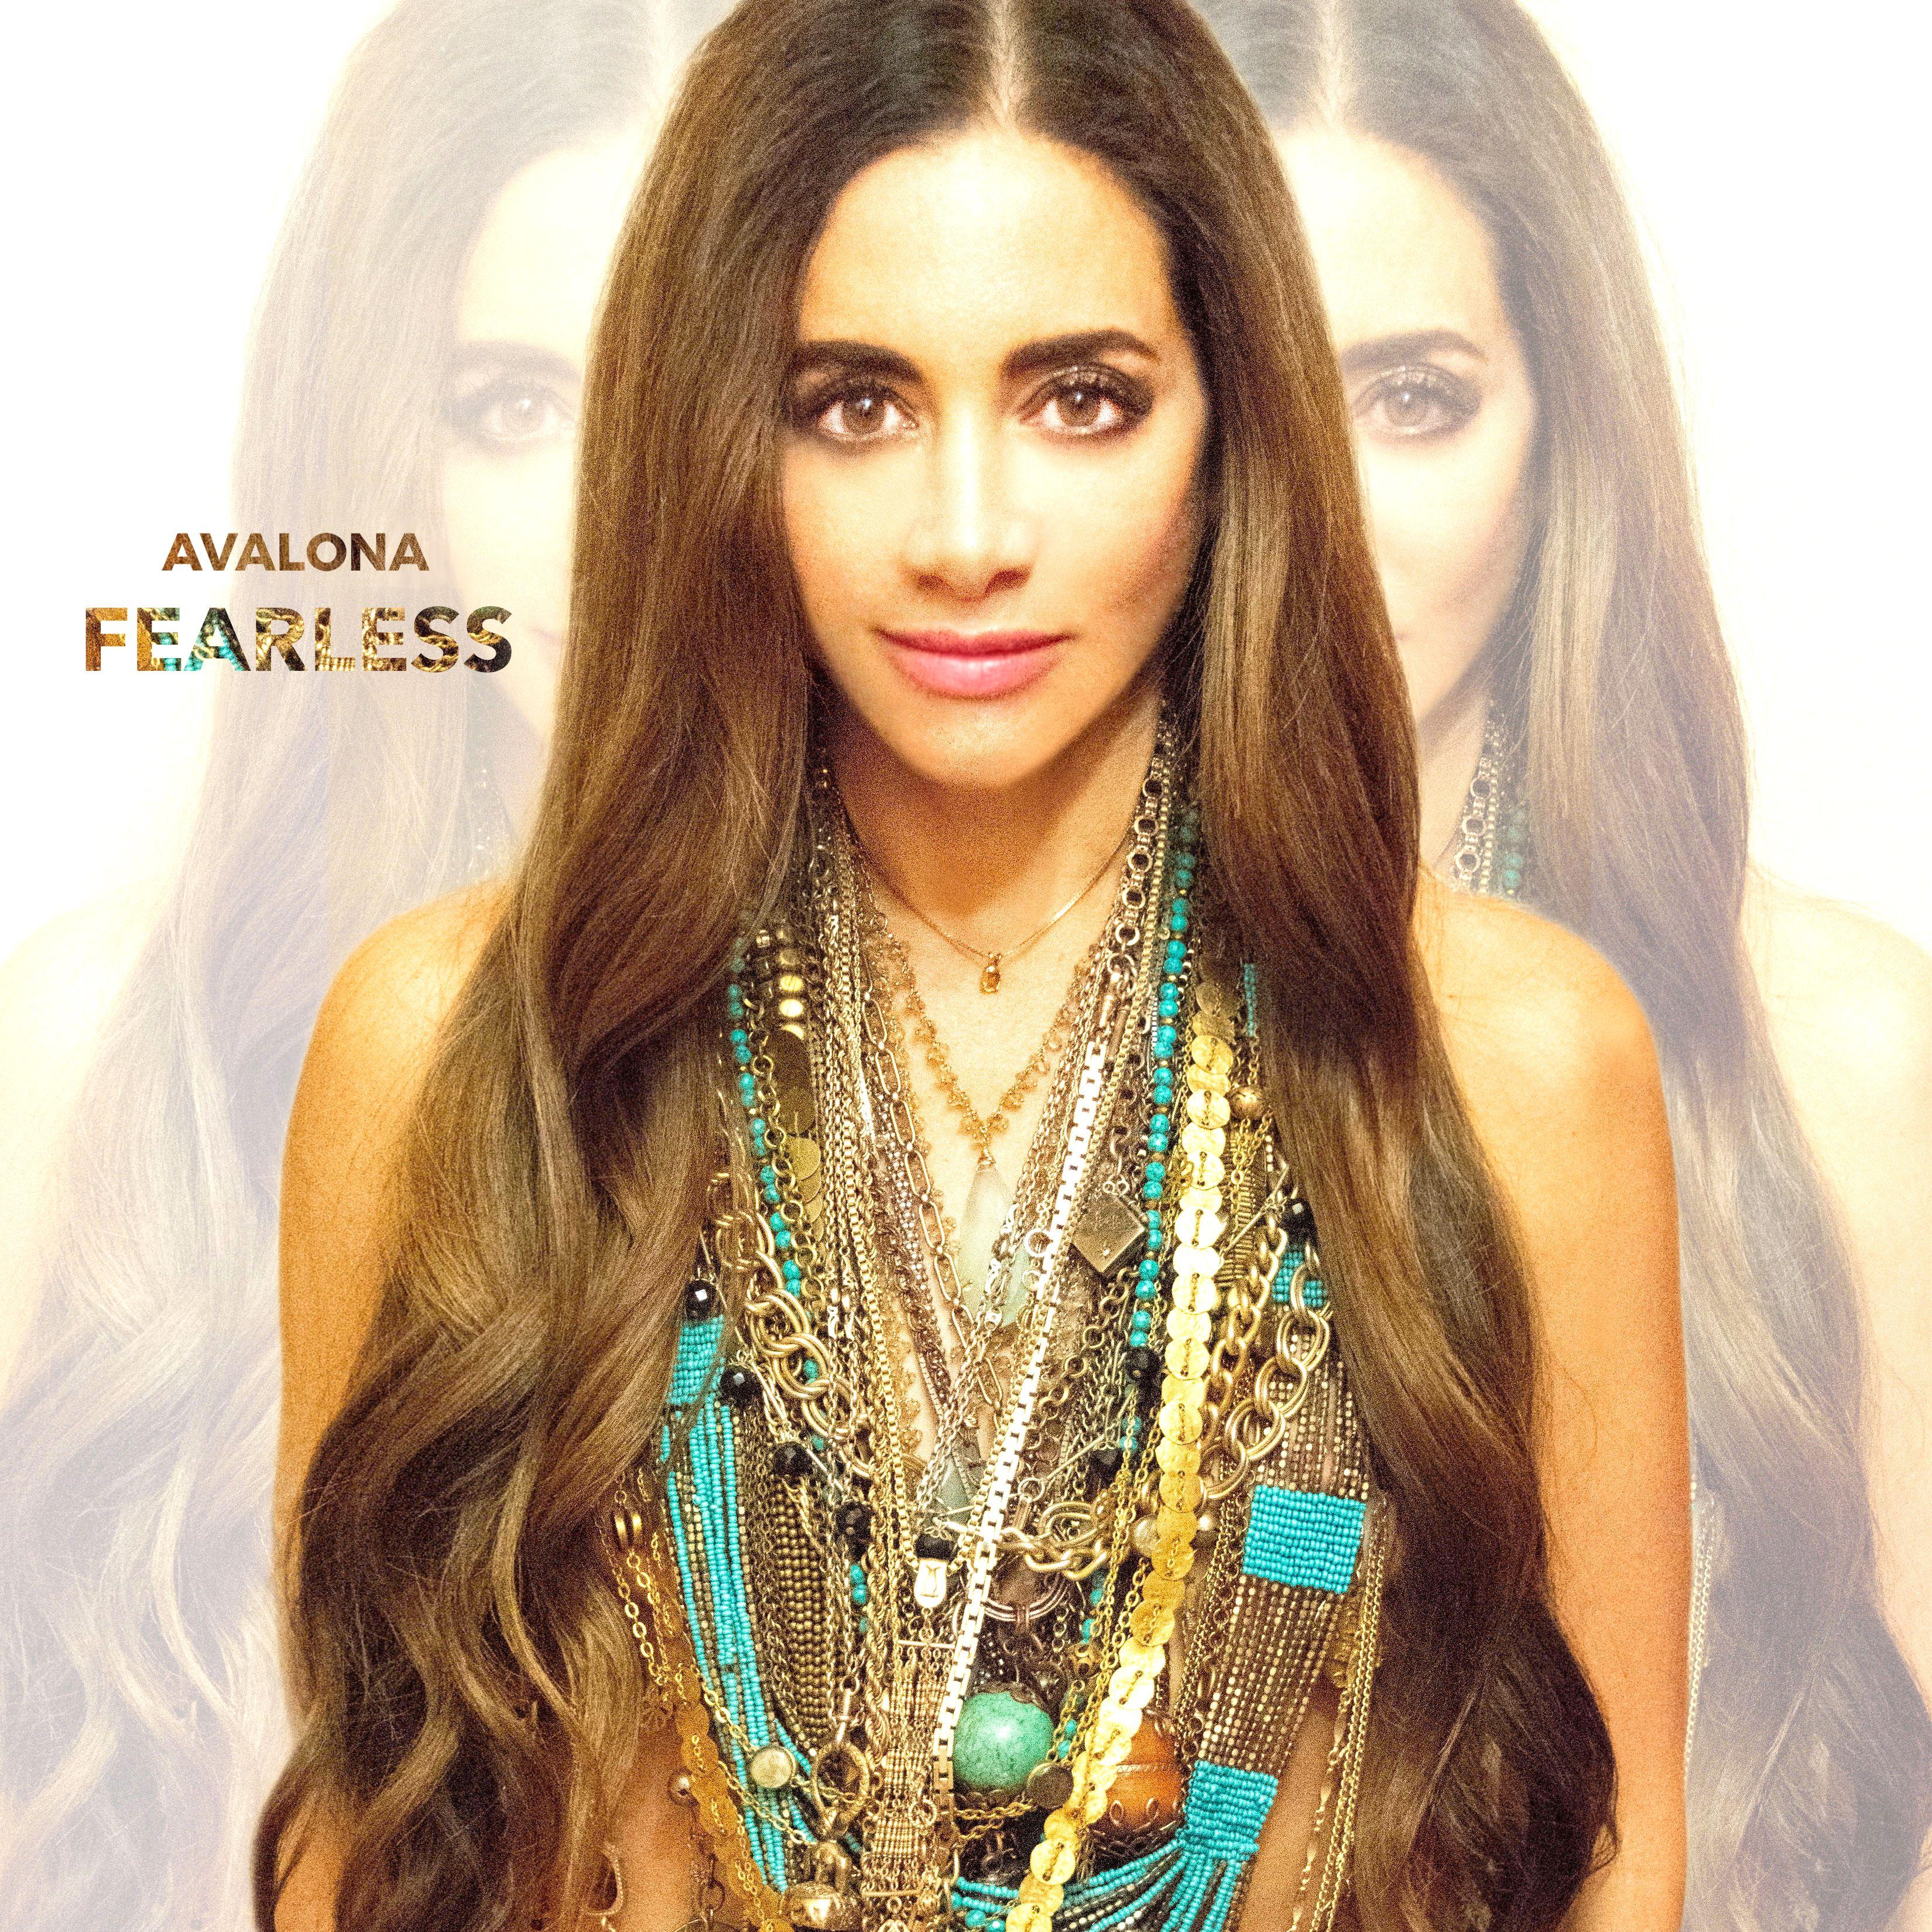 Fearless par Avalona